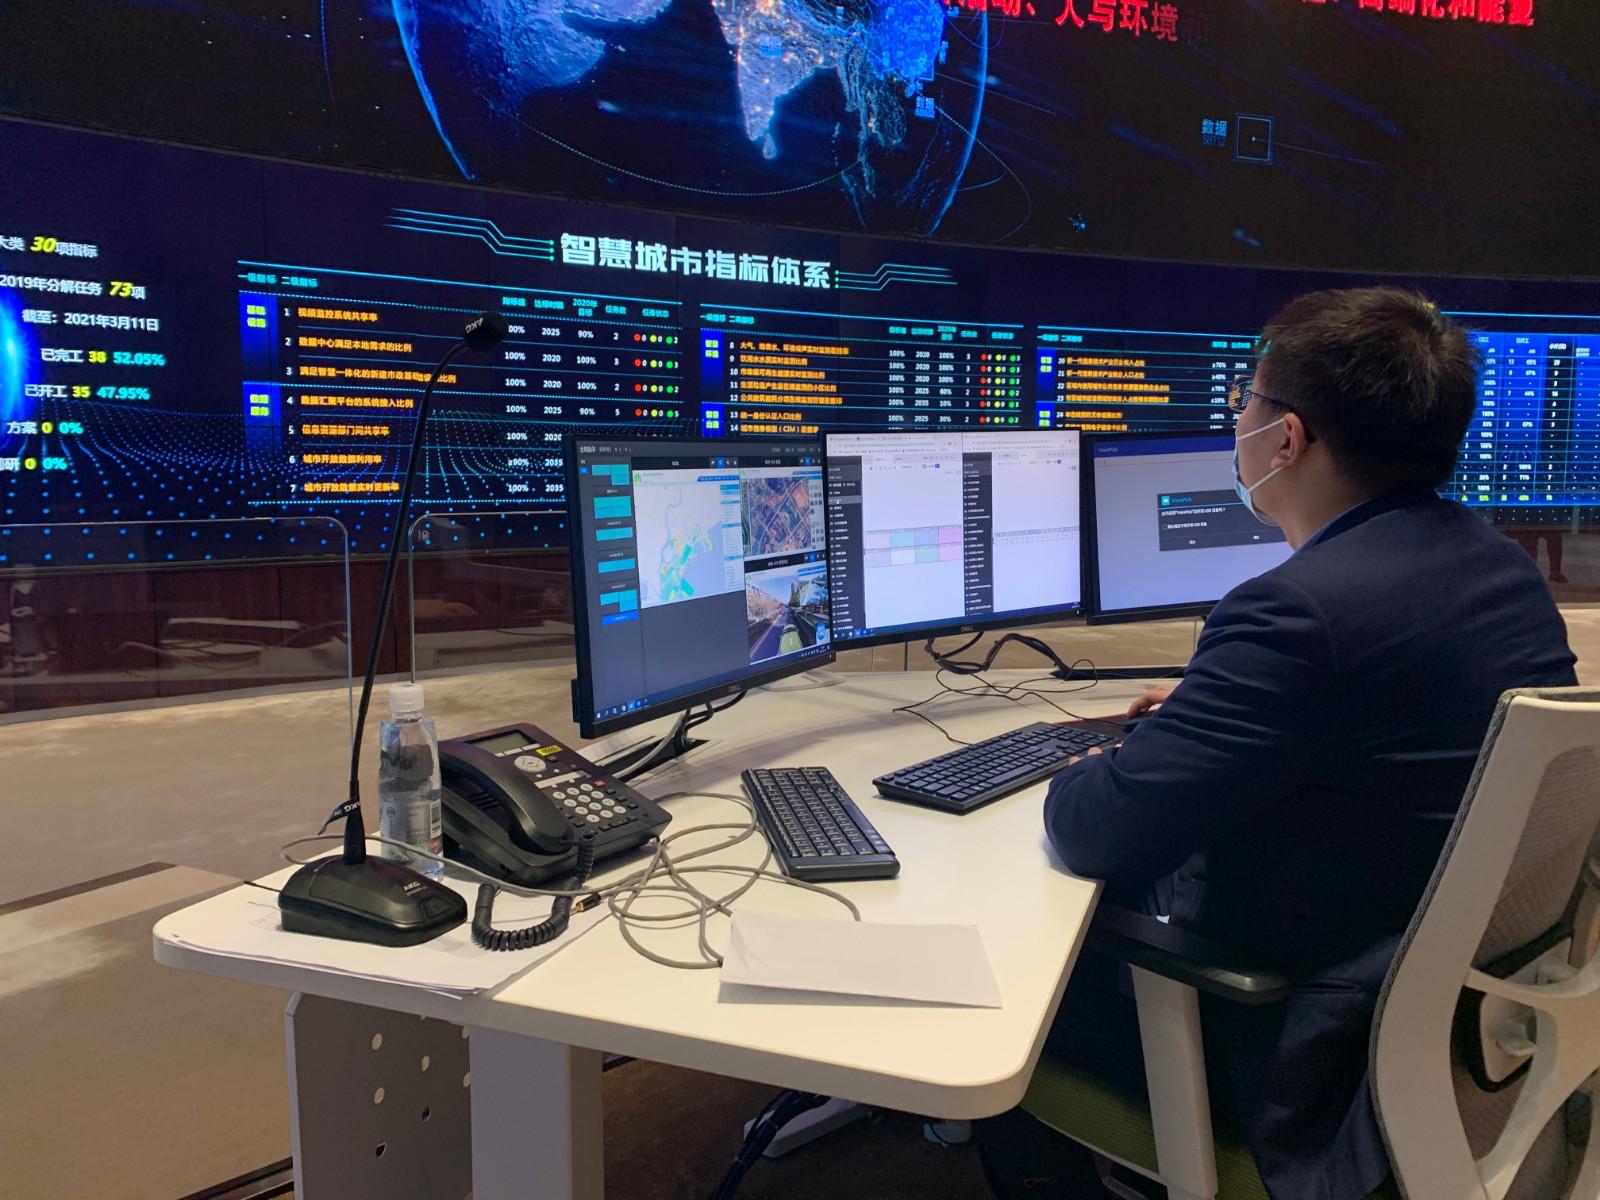 """众智成城丨打造""""人工智能+""""产业高地 滨海新区积极建设国家人工智能创新应用先导区"""